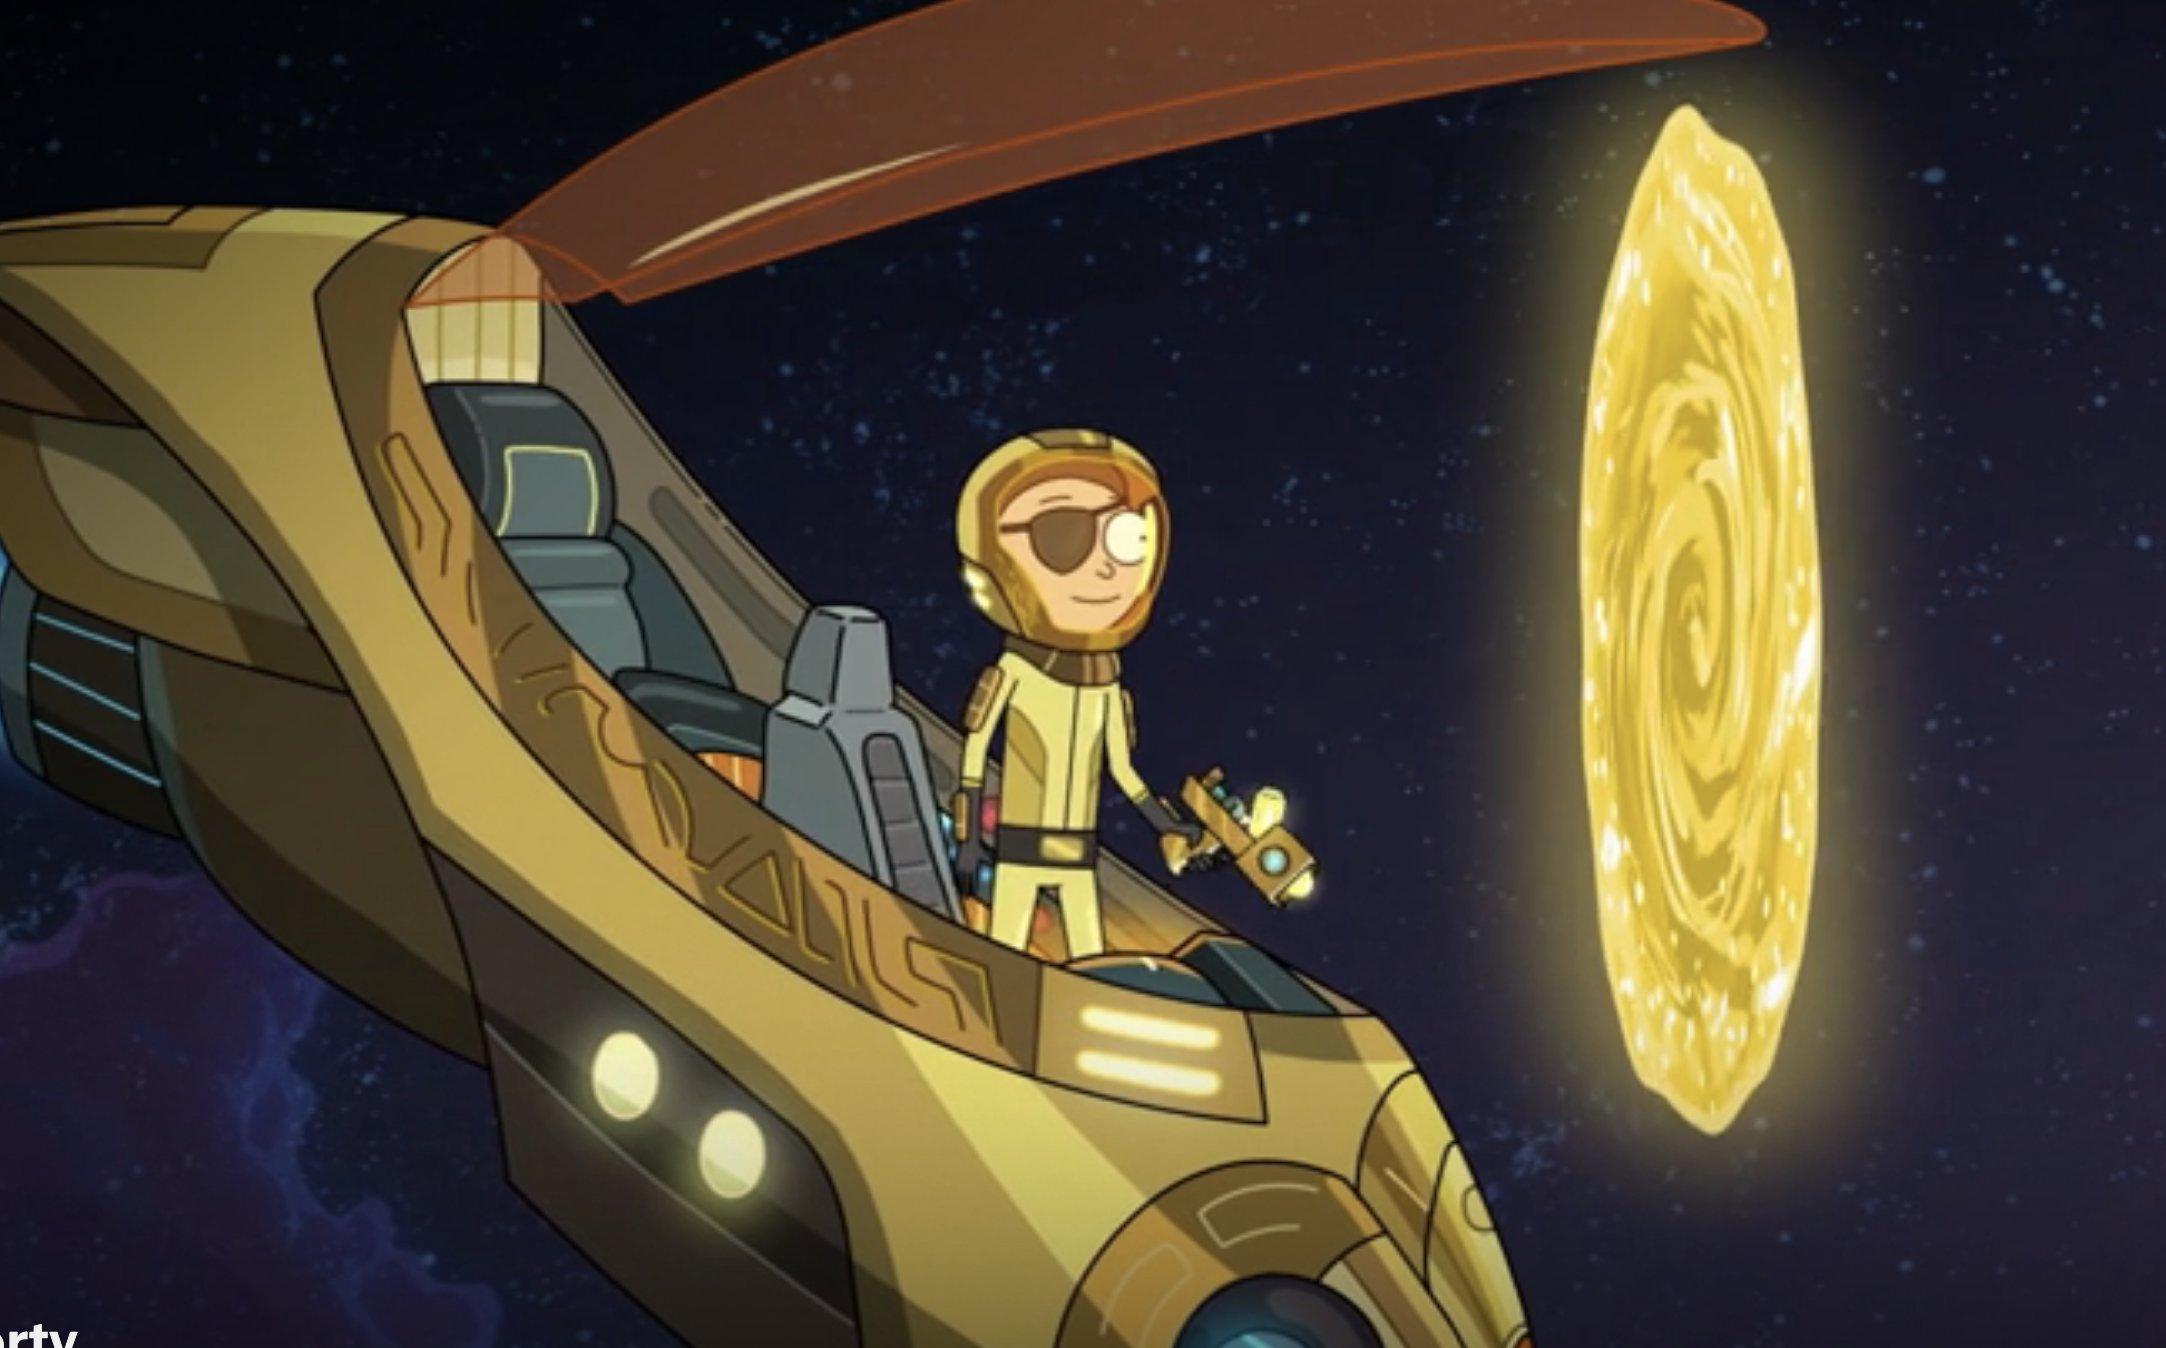 Evil Morty portal amarillo quinta temporada rick morty